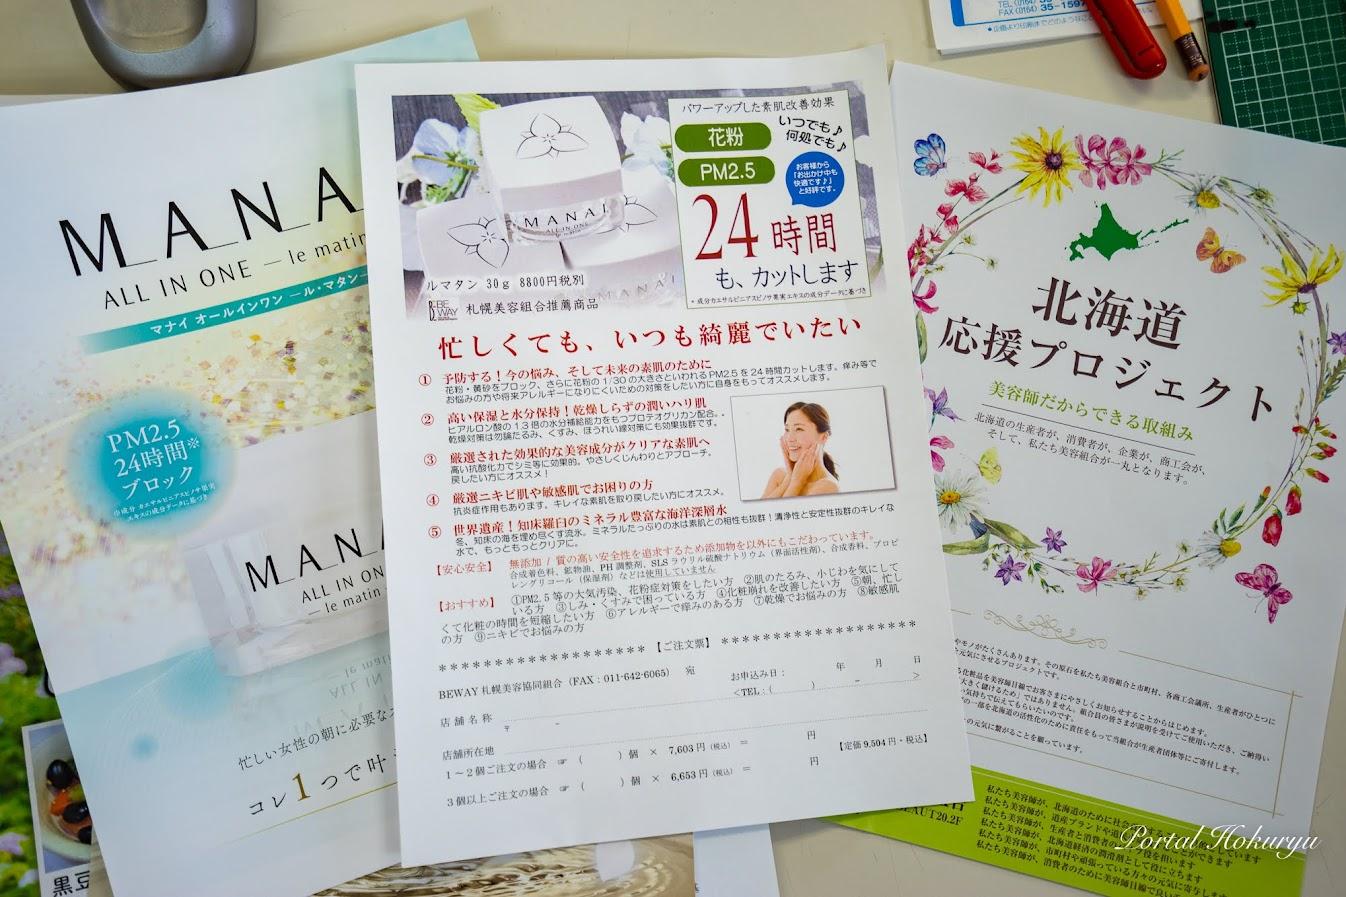 北海道応援プロジェクト:札幌美容協同組合 ✕(株)マナイ化粧品